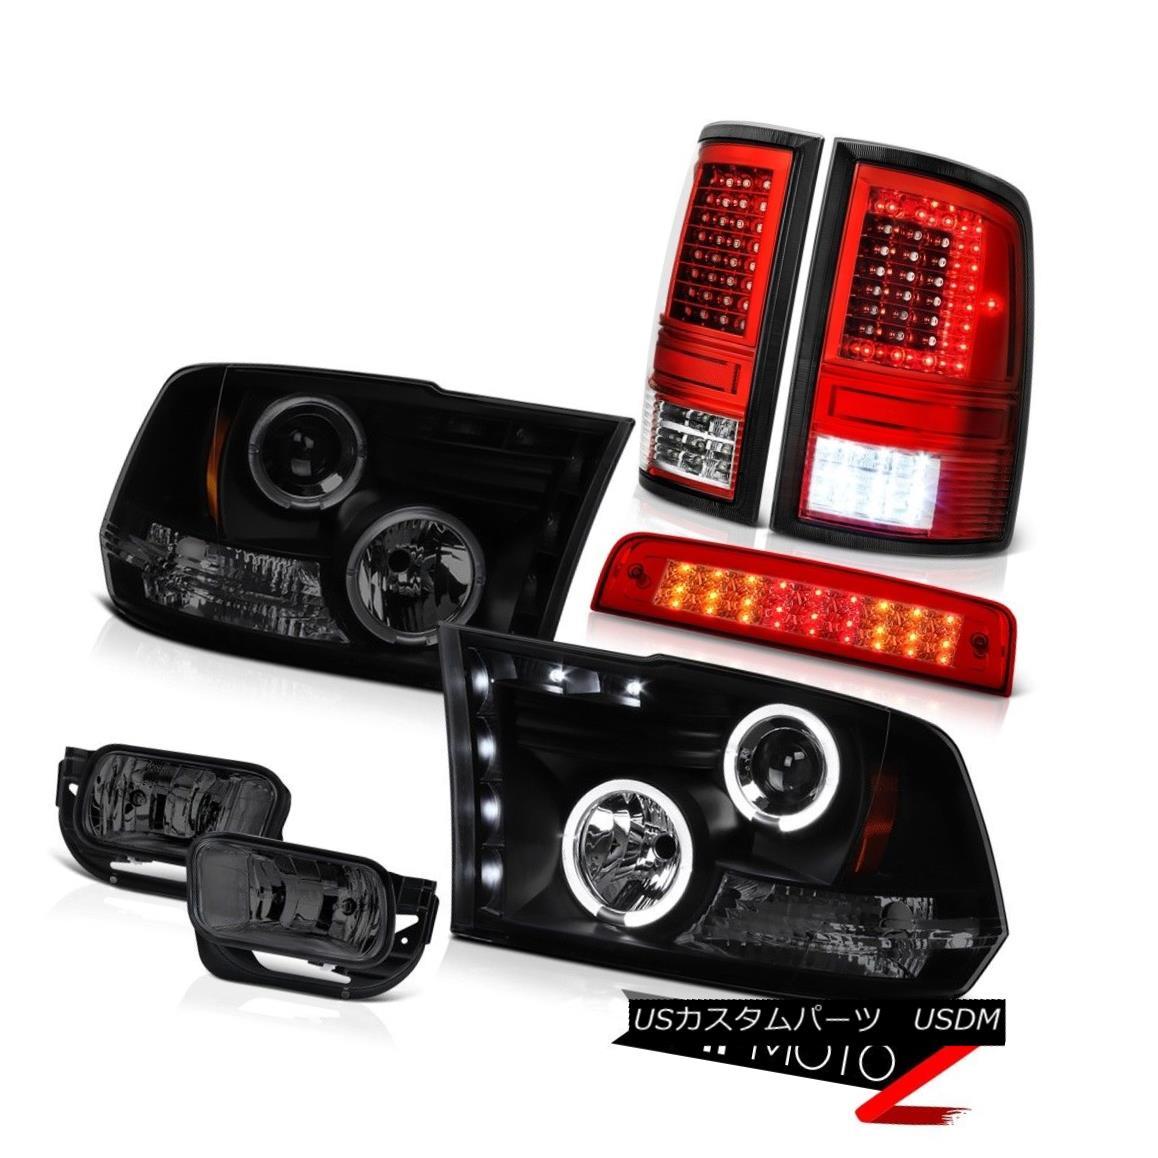 テールライト 09 10 11-18 Dodge RAM 2500 Tail Lamps Brake Lights Driving Head Lamp Assembly 09 10 11-18 Dodge RAM 2500テールランプブレーキライトDriving Head Lamp Assembly